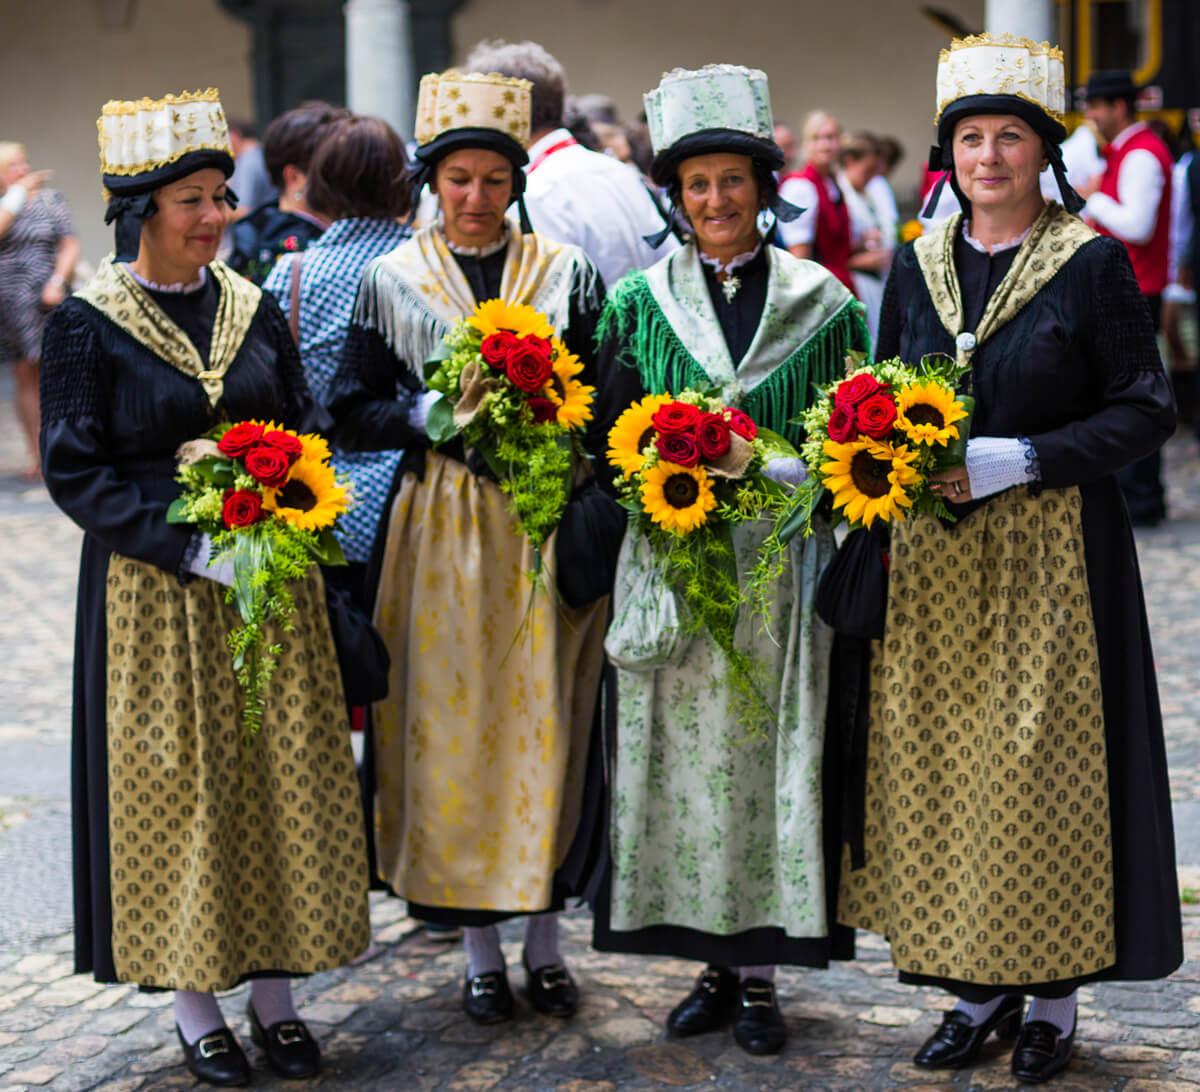 Swiss National Jodlerfest 2017